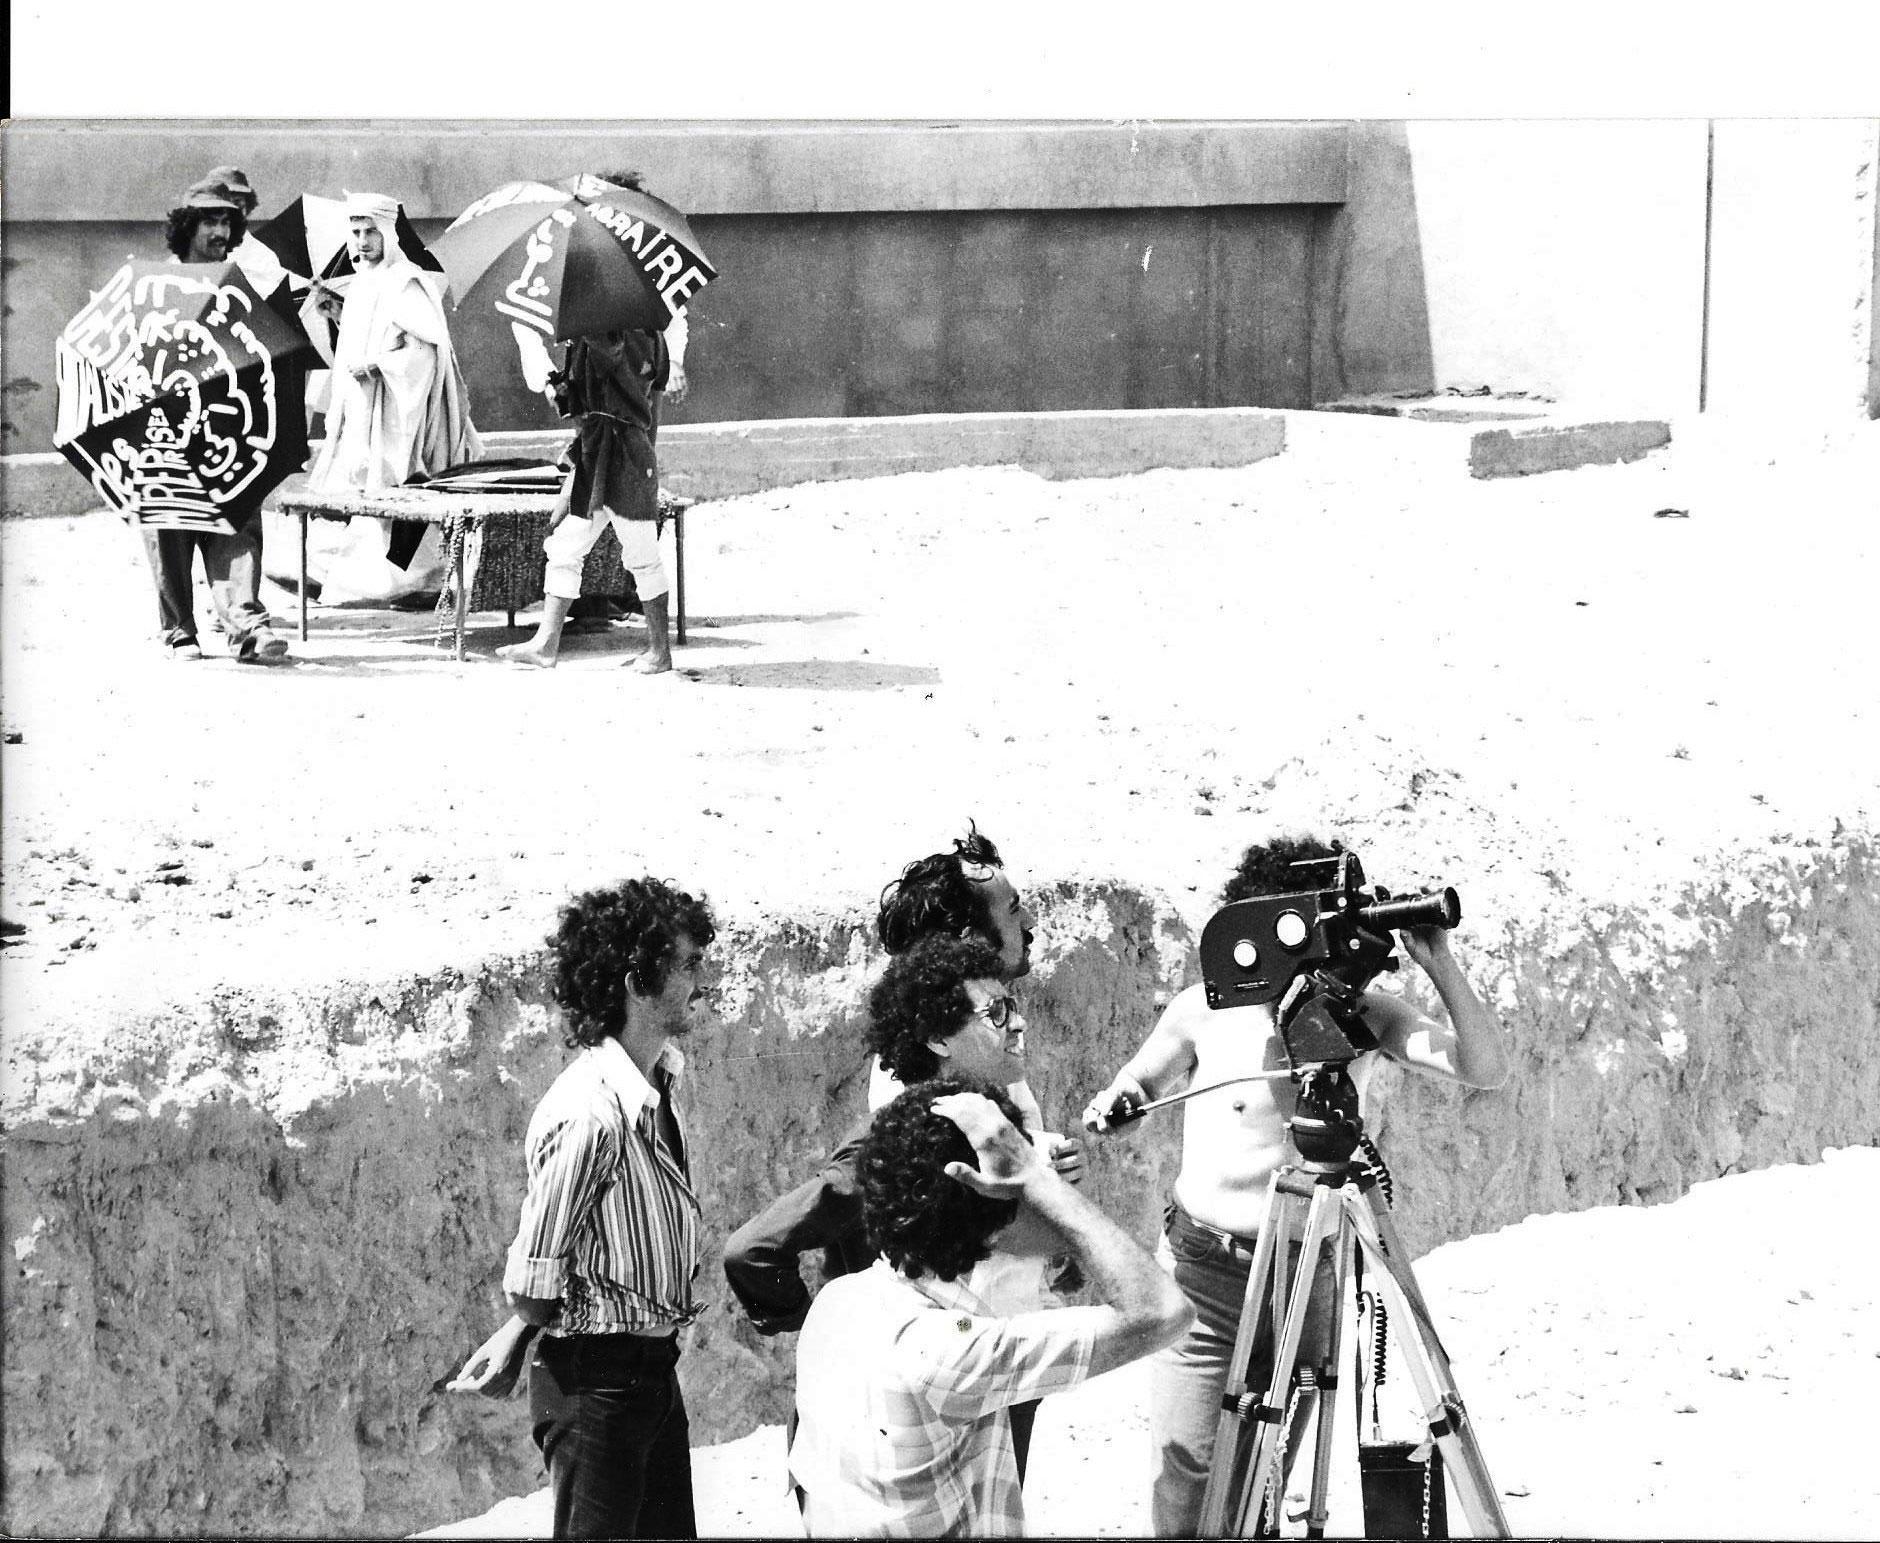 Tournage-''Le-Flambeau-brûlera-toujours''.-Fest-Theatre-Amateur.-Mostaganem,-Eté-1977.-Allel-Yahyaoui-camera,-Azzeddine-Meddour